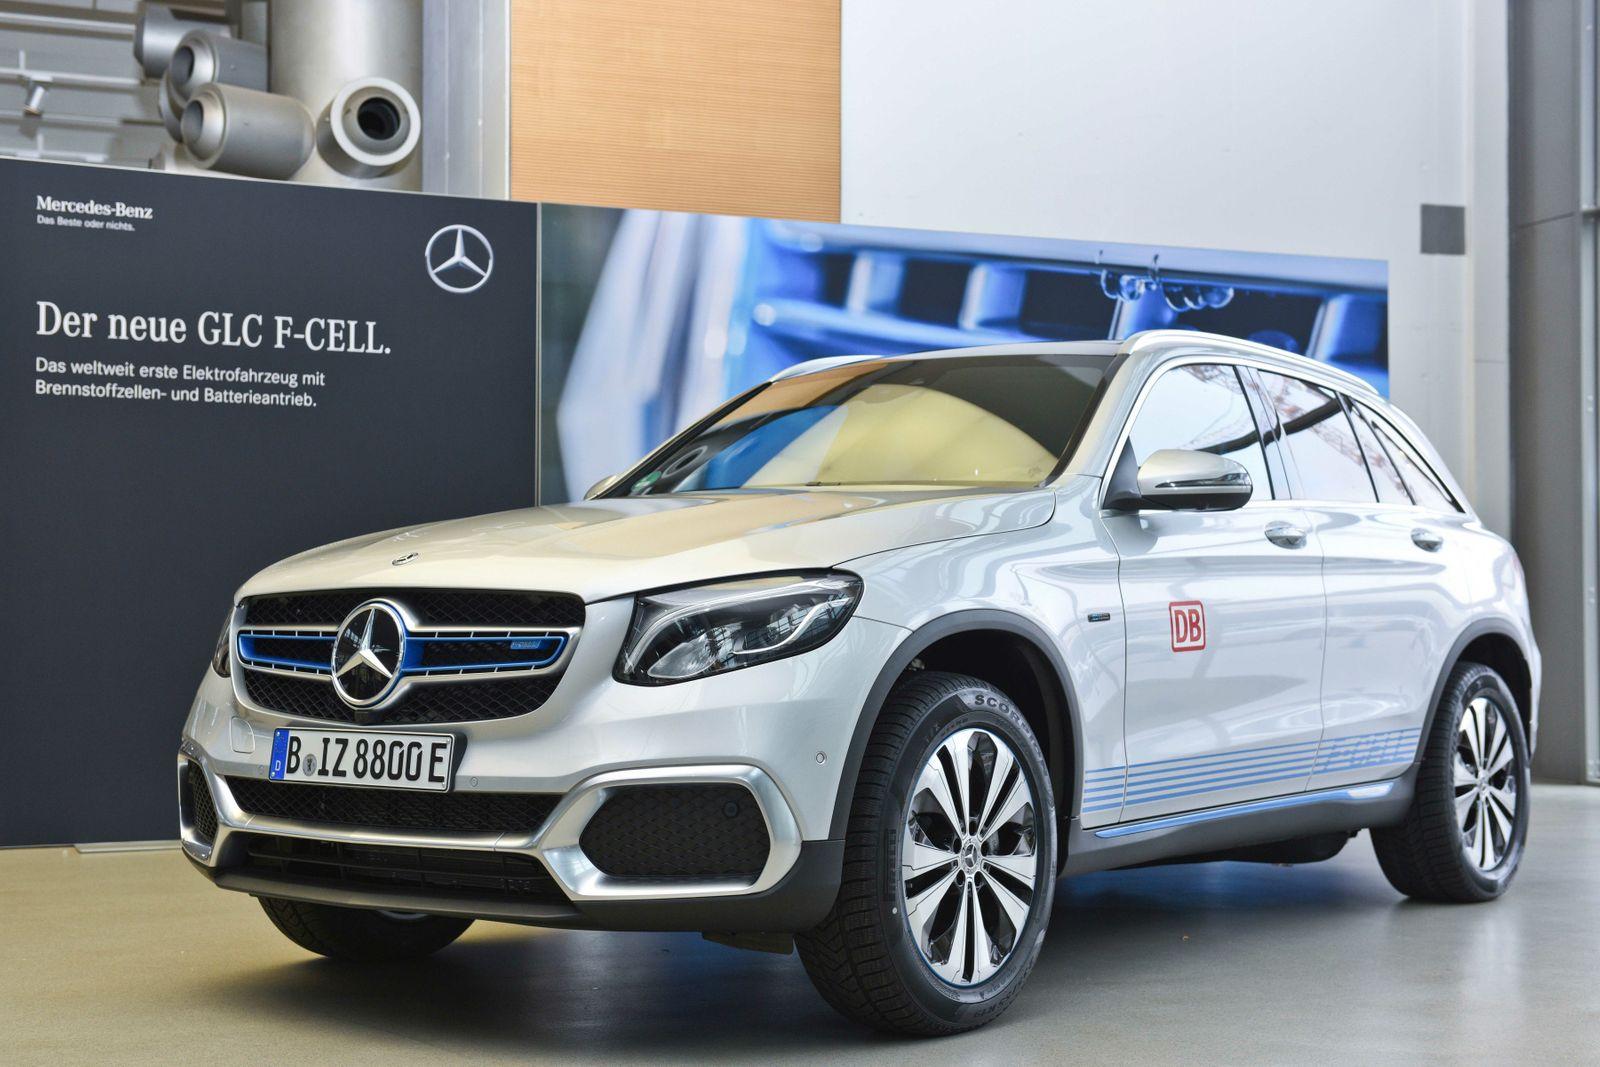 Mercedes-Benz GLC F-CELL: Marktstart für weltweit erstes Elektrofahrzeug mit Brennstoffzelle und Plug-in-Hybrid-Technologie Mercedes-Benz GLC F-CELL: Market launch of the world's first electric vehicle featuring fuel cell and plug-in hybrid technology